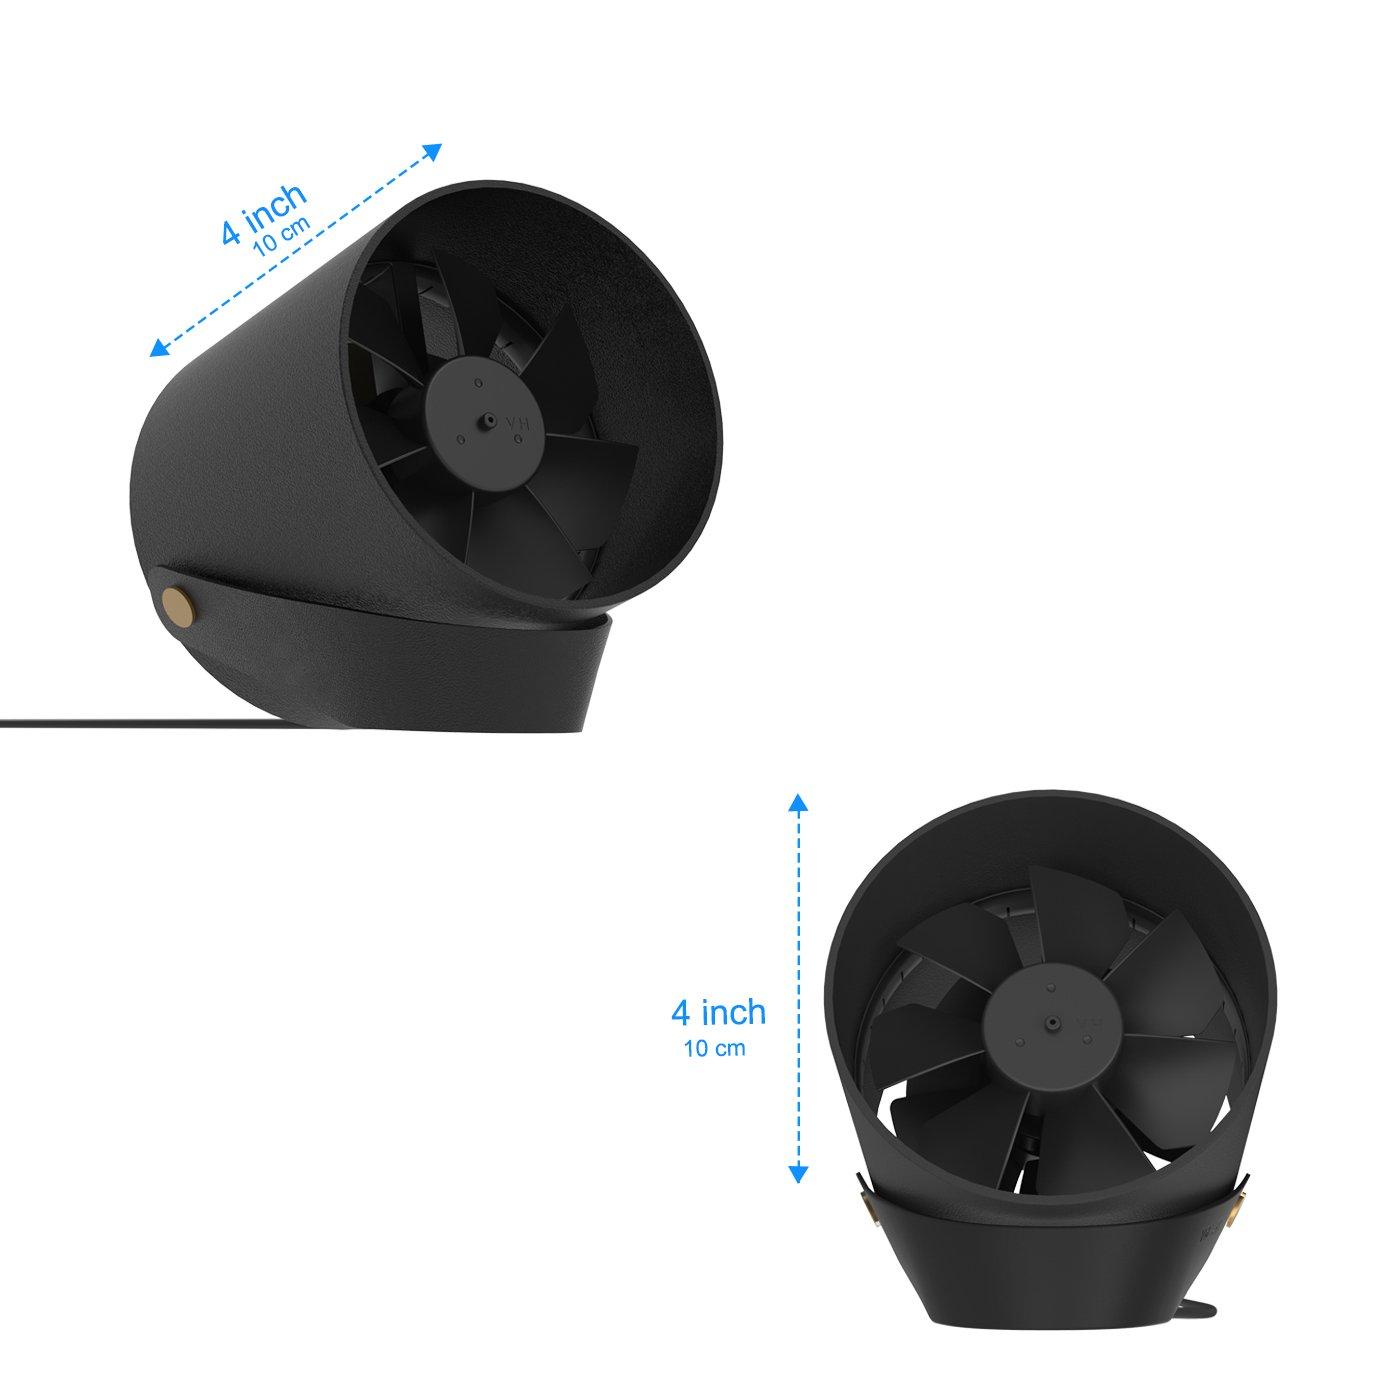 pour le bureau de bureau de voyage Ventilateur de table de bureau USB avec les lames jumelles de Turbo Ventilateur portatif de Tableau de cadre en m/étal de contr/ôle de contact